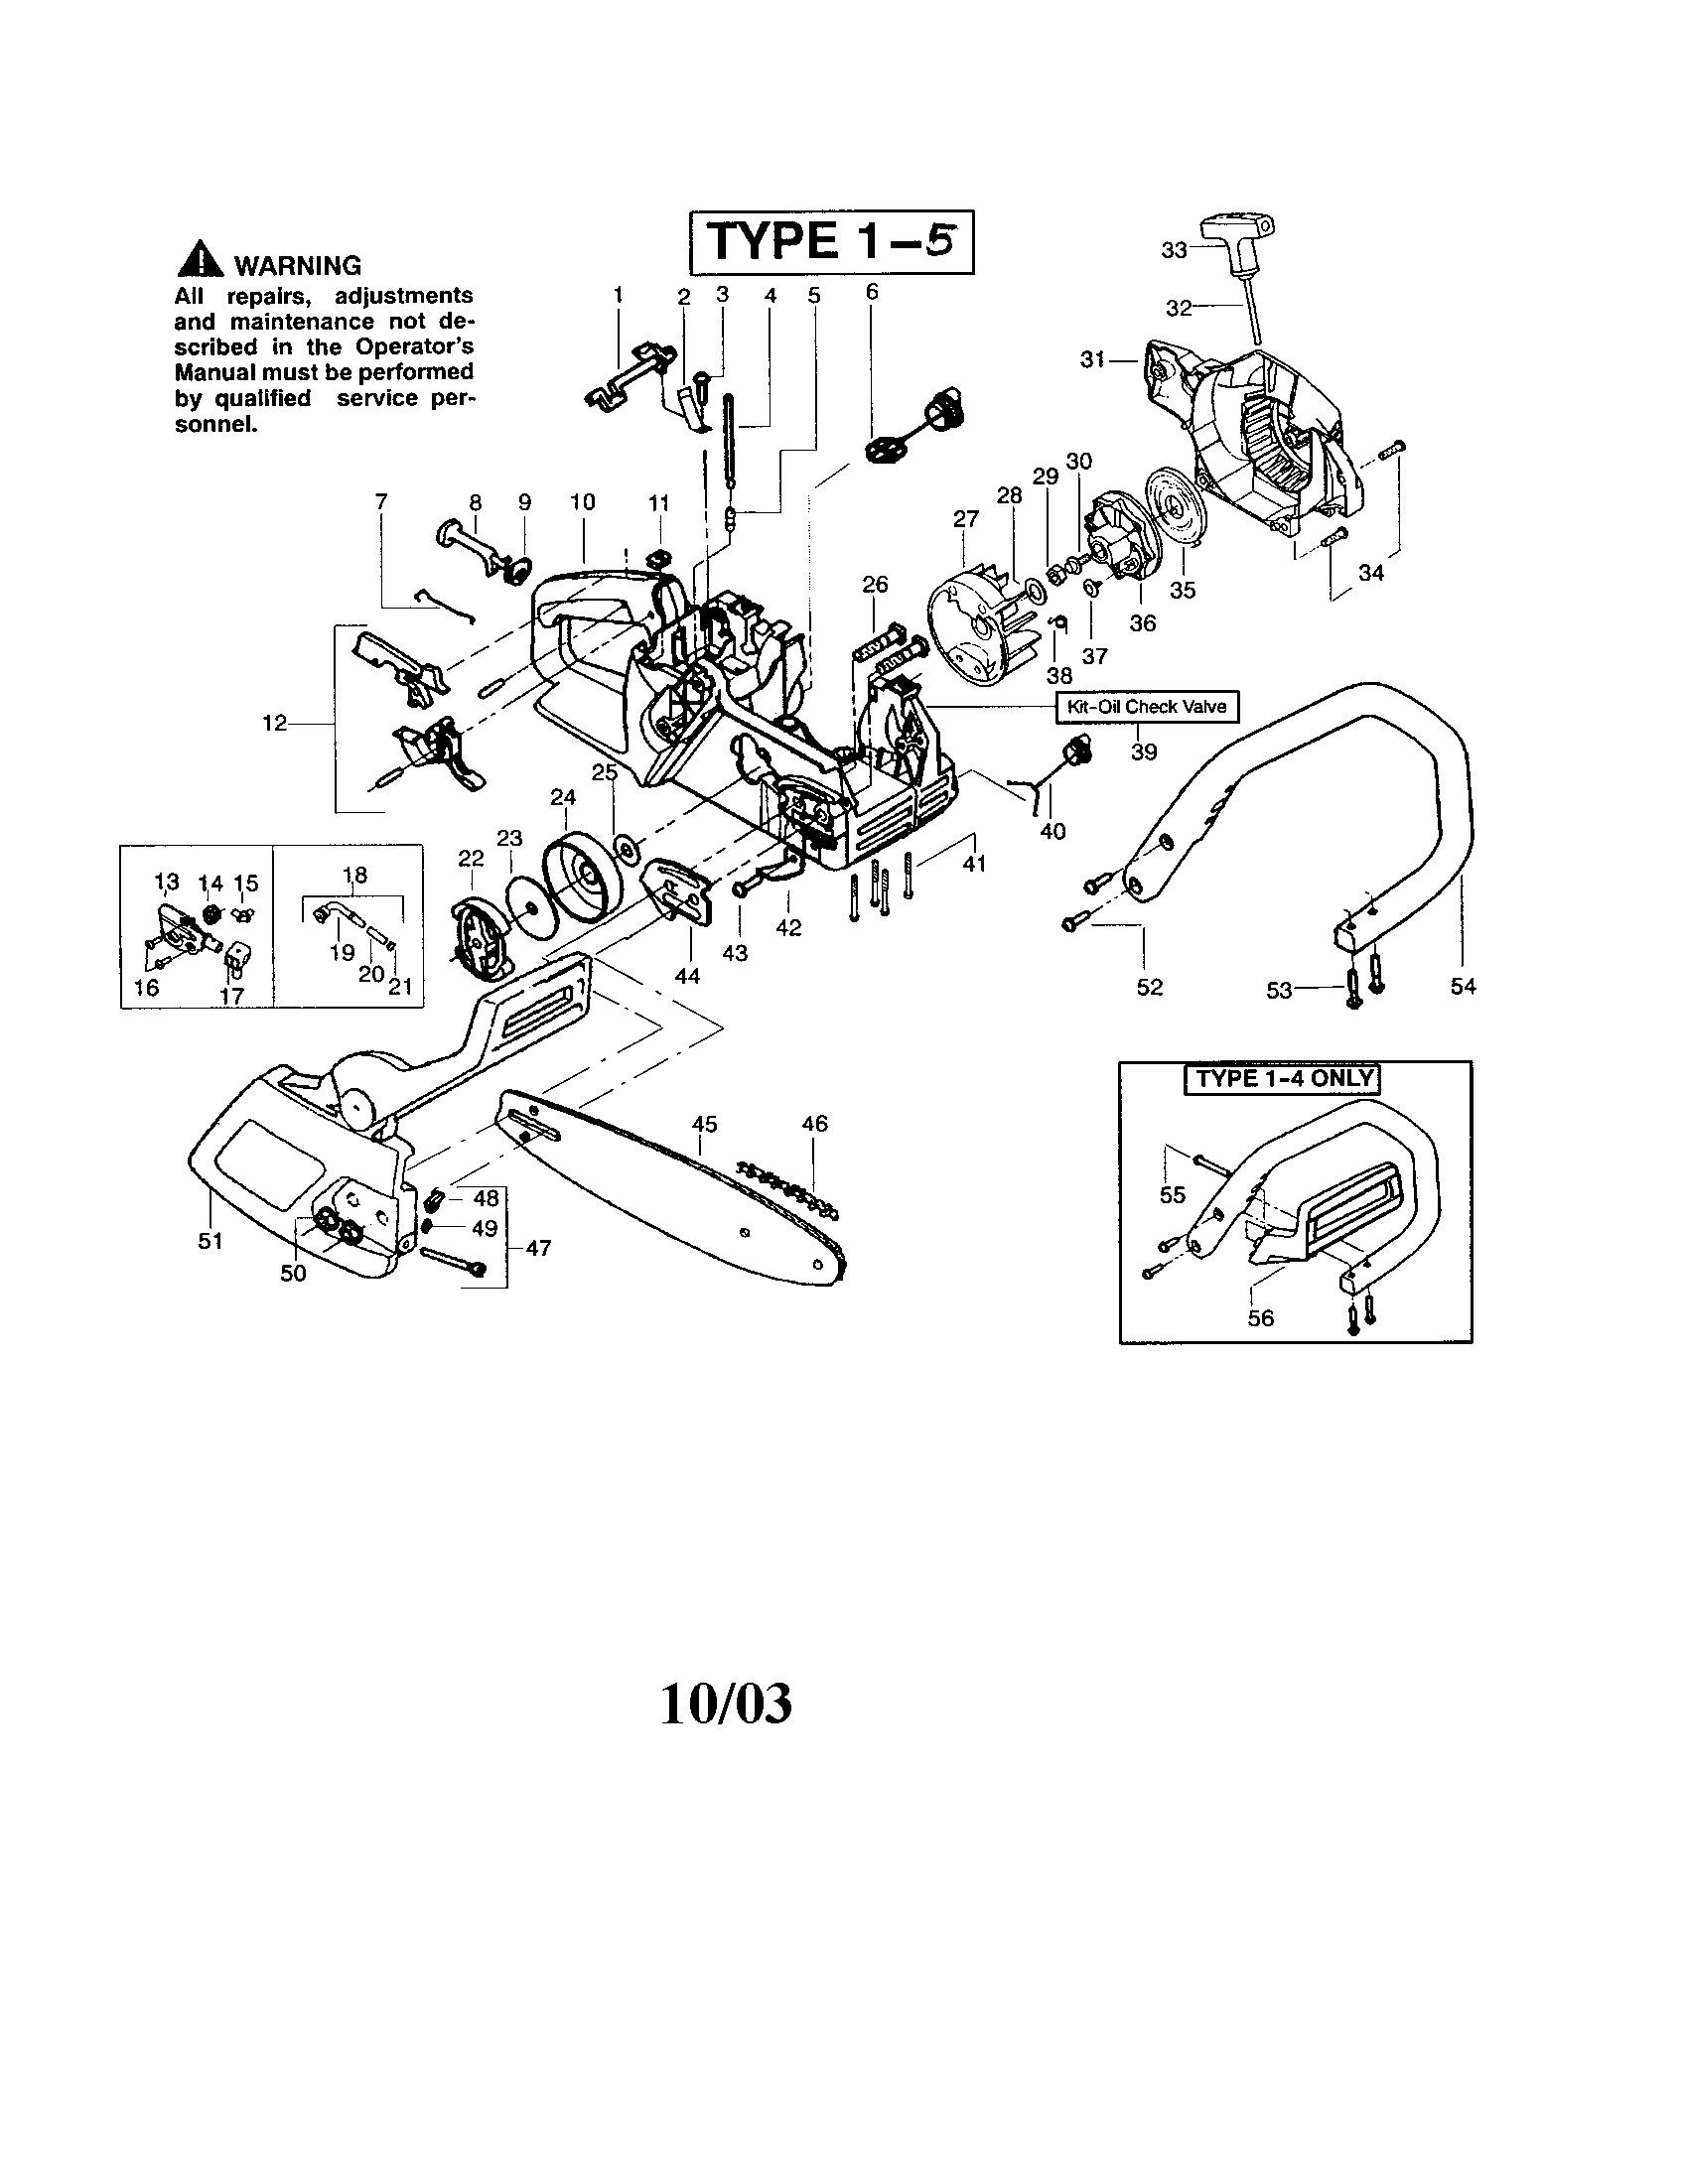 Poulan Chainsaw Parts Diagram Wiring - Triumph Tr6 Wiring Diagram  Headlights - hazzardzz.dvi-d.jeanjaures37.fr | Wiring Poulan Diagram Pp11536ka |  | Wiring Diagram Resource